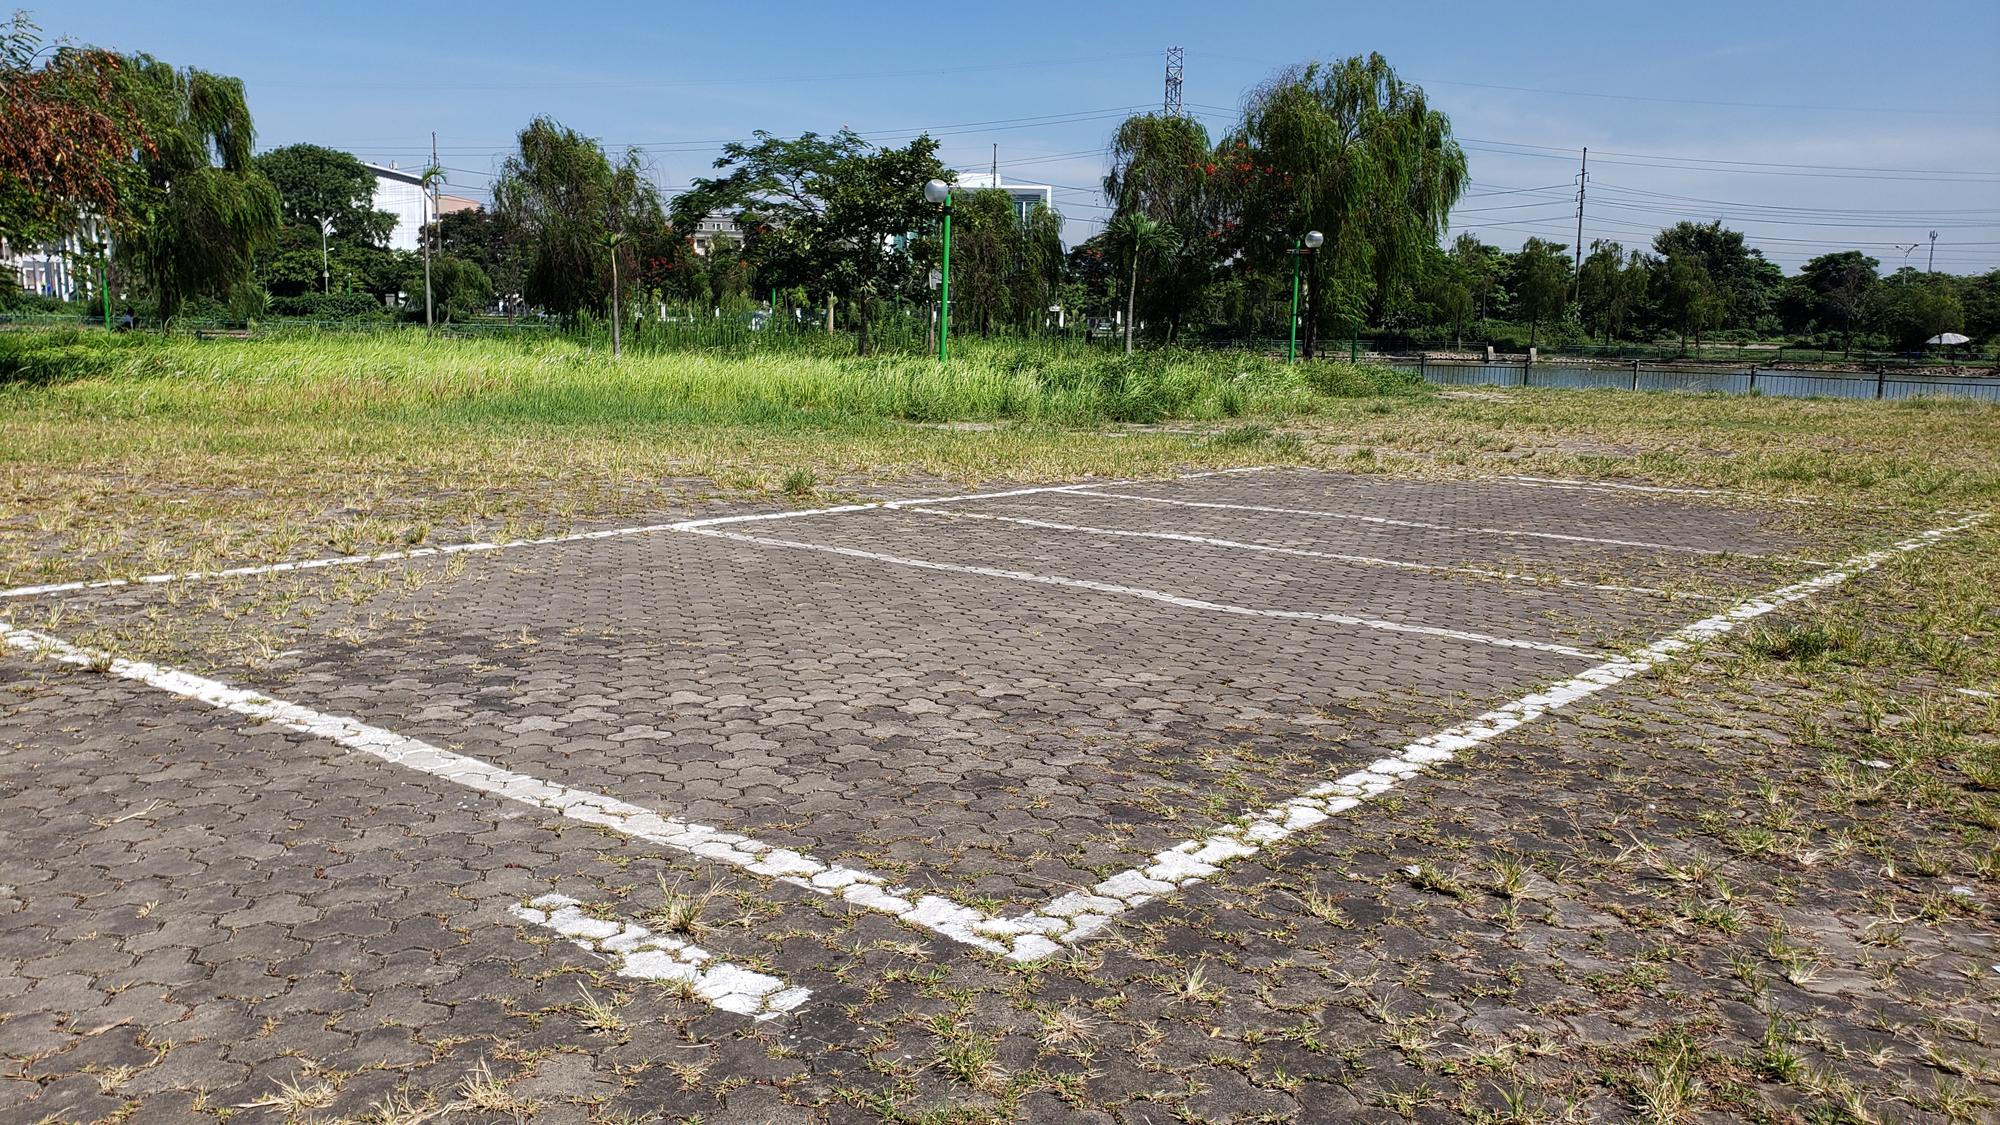 Chờ dự án cải tạo, công viên CV-02 Khu đô thị mới Việt Hưng như cánh đồng hoang - Ảnh 11.